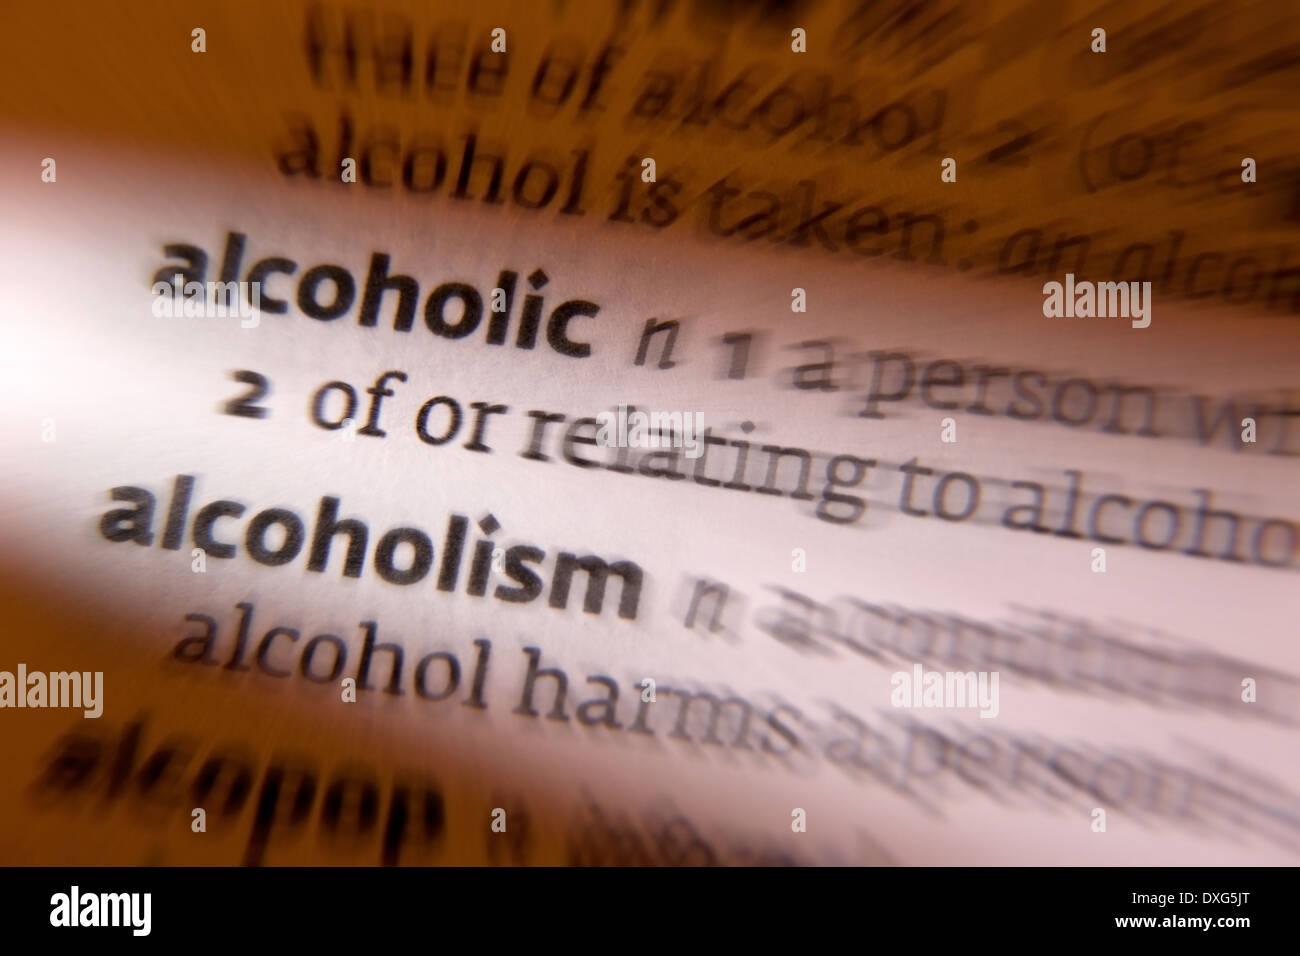 Geräumig Alkohol Definition Dekoration Von - Stockbild